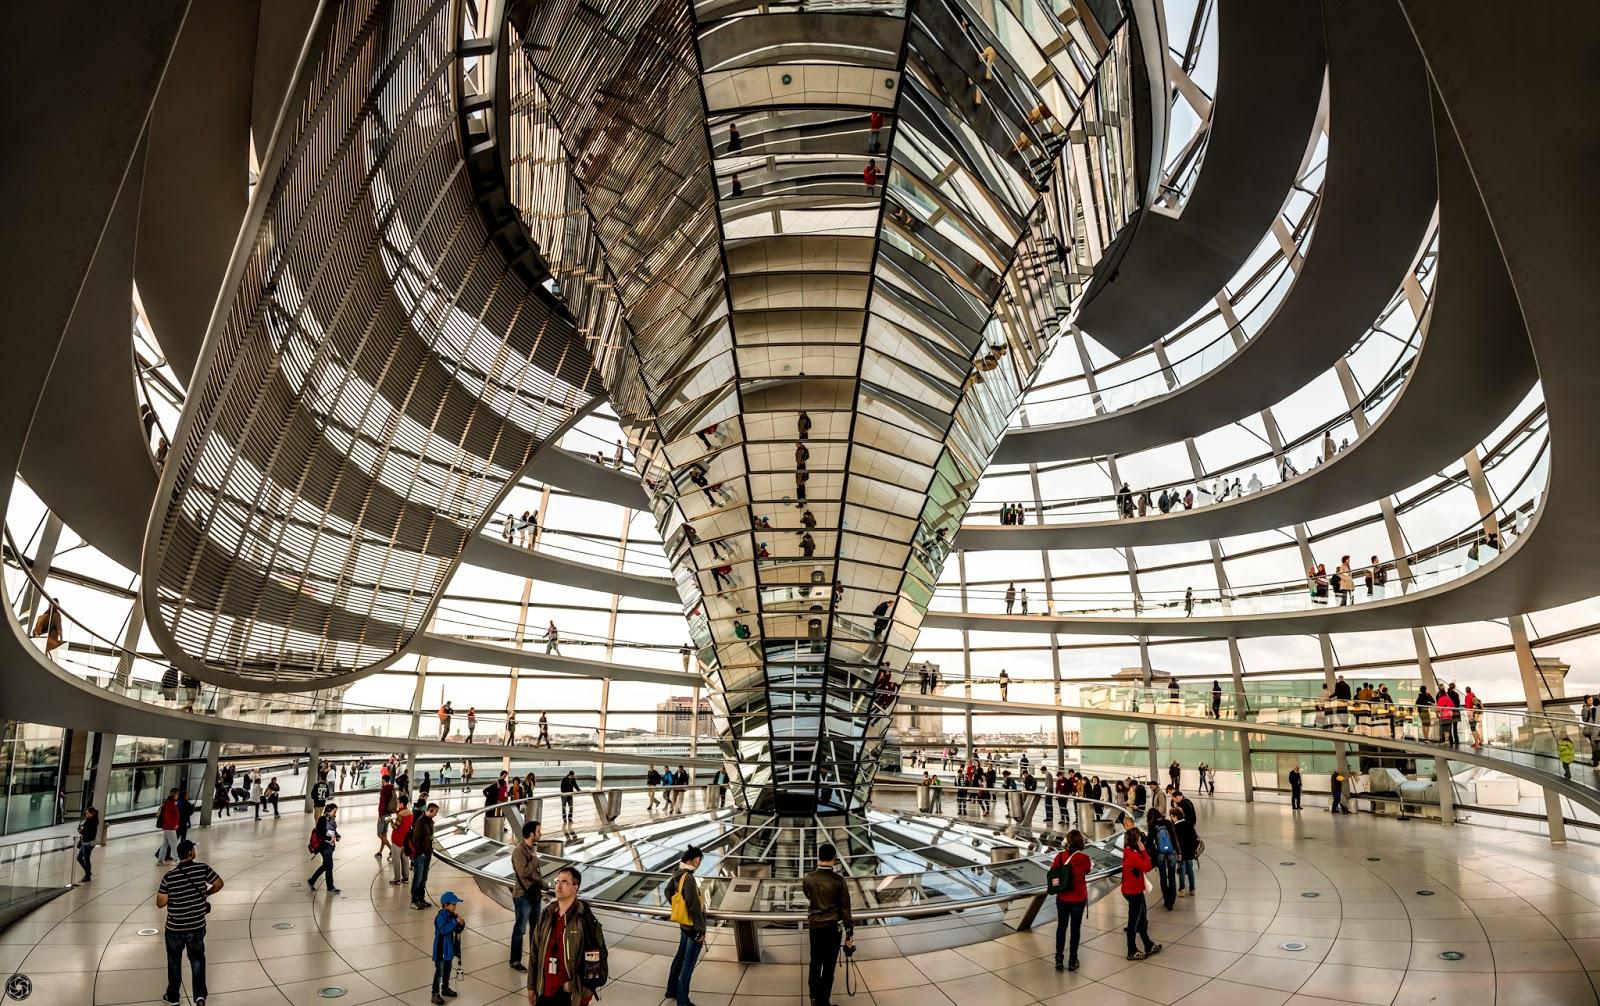 Visión desde el nivel del suelo de espacio de la cúpula :: Panorámica (64MPixels) 10x Canon EOS5D MkIII | ISO400 | Canon24-105 @24mm | f/4.0 | 1/125s